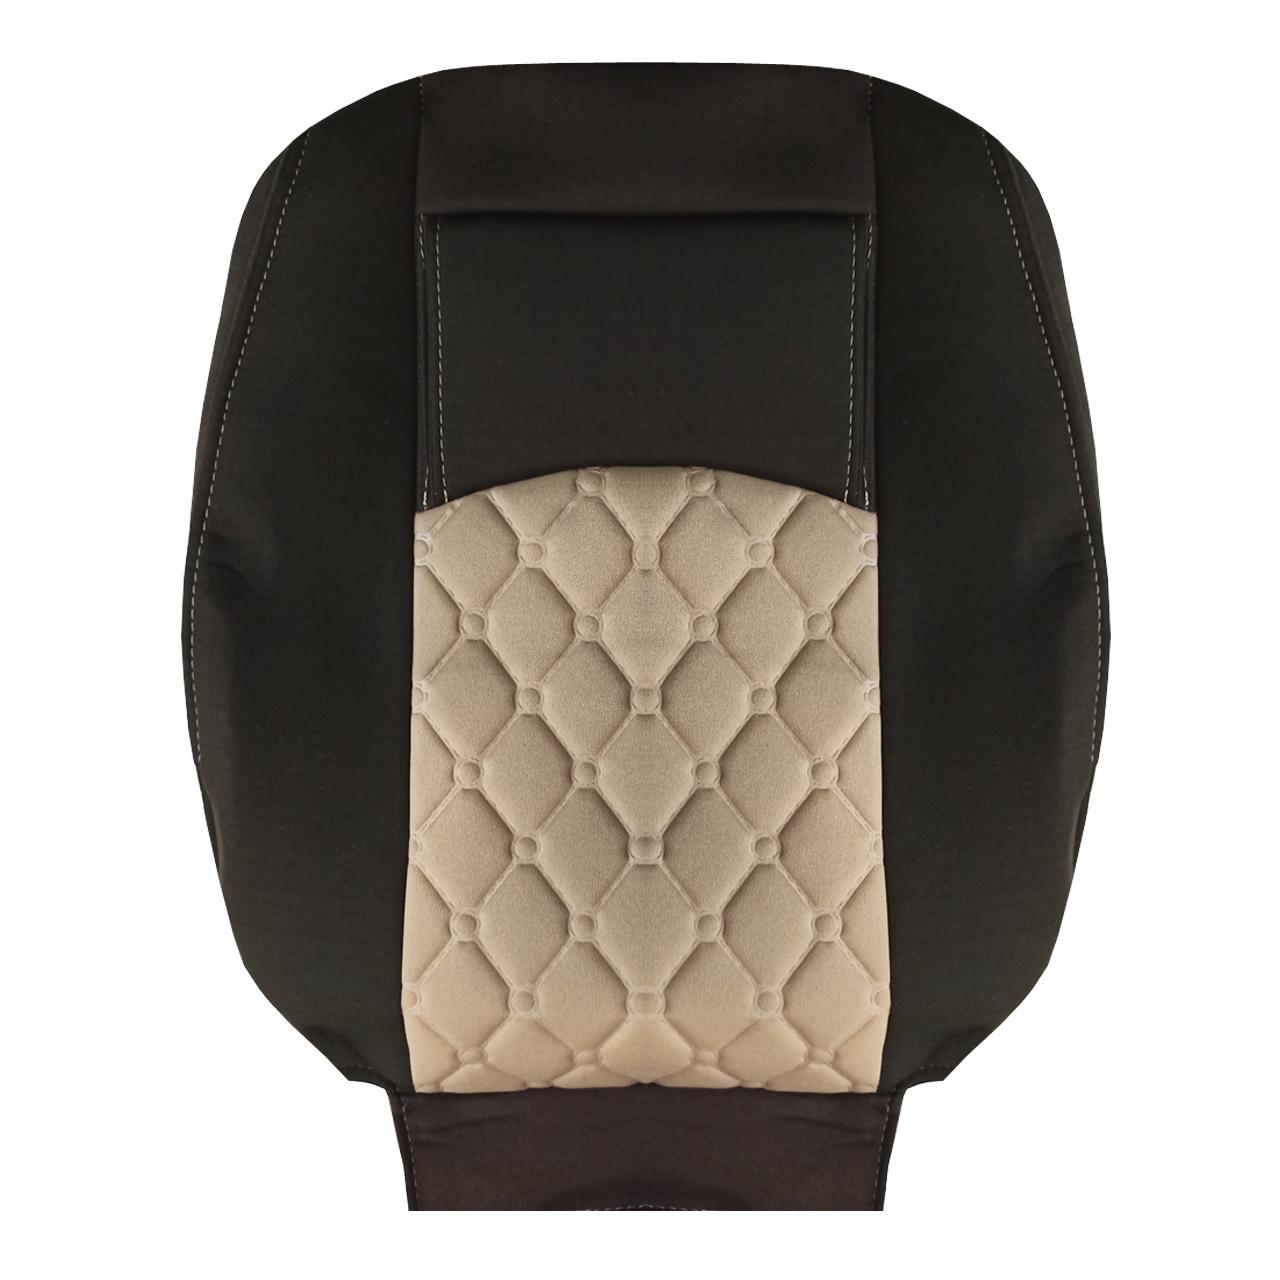 روکش صندلی خودرو مدل SAR006 مناسب برای سمند